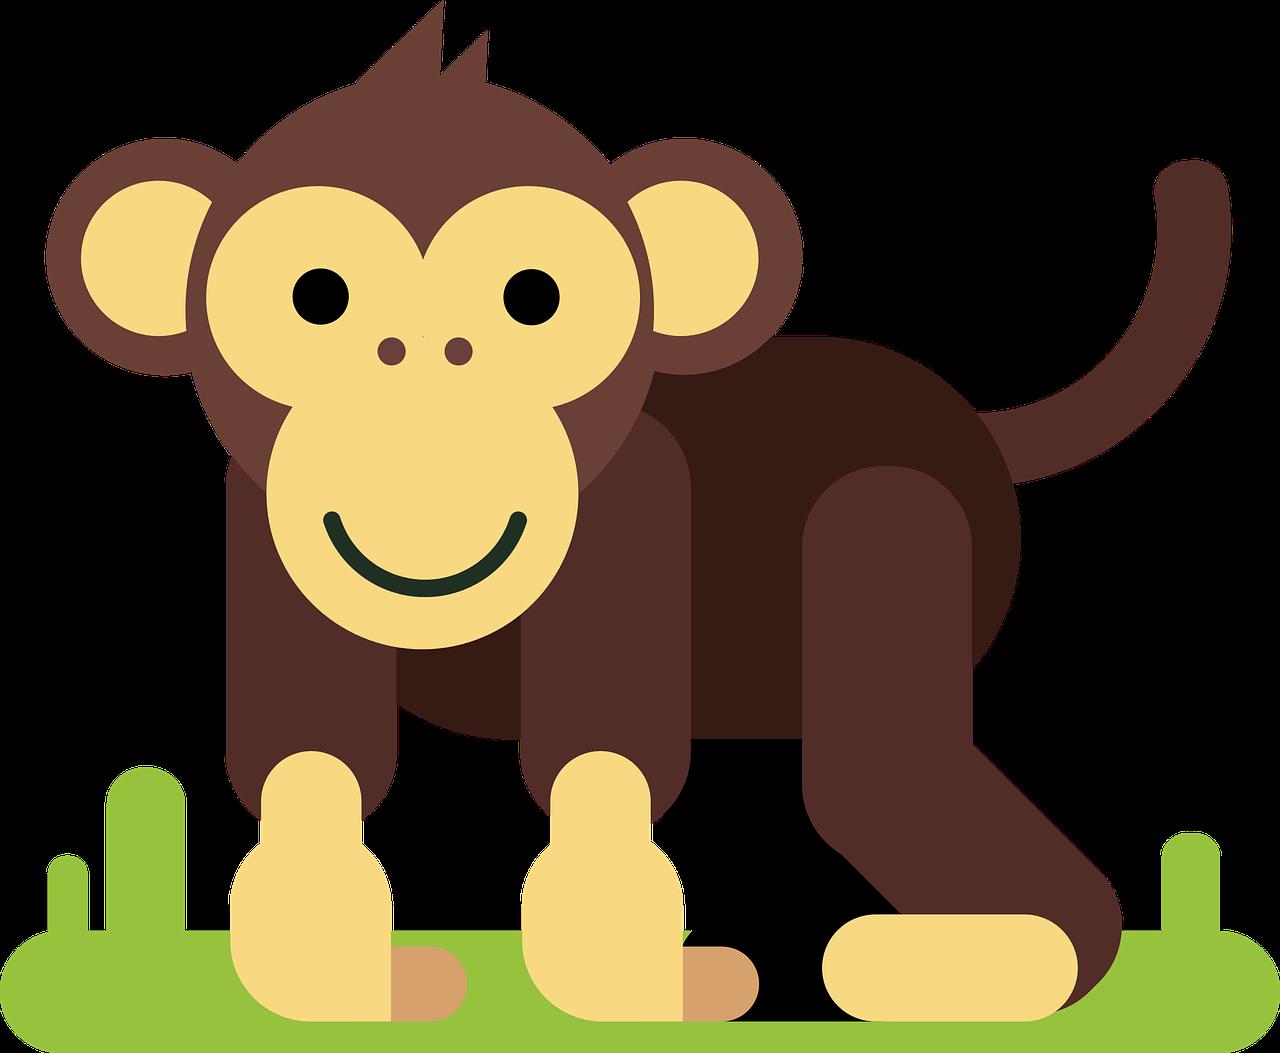 monkey-3224416_1280